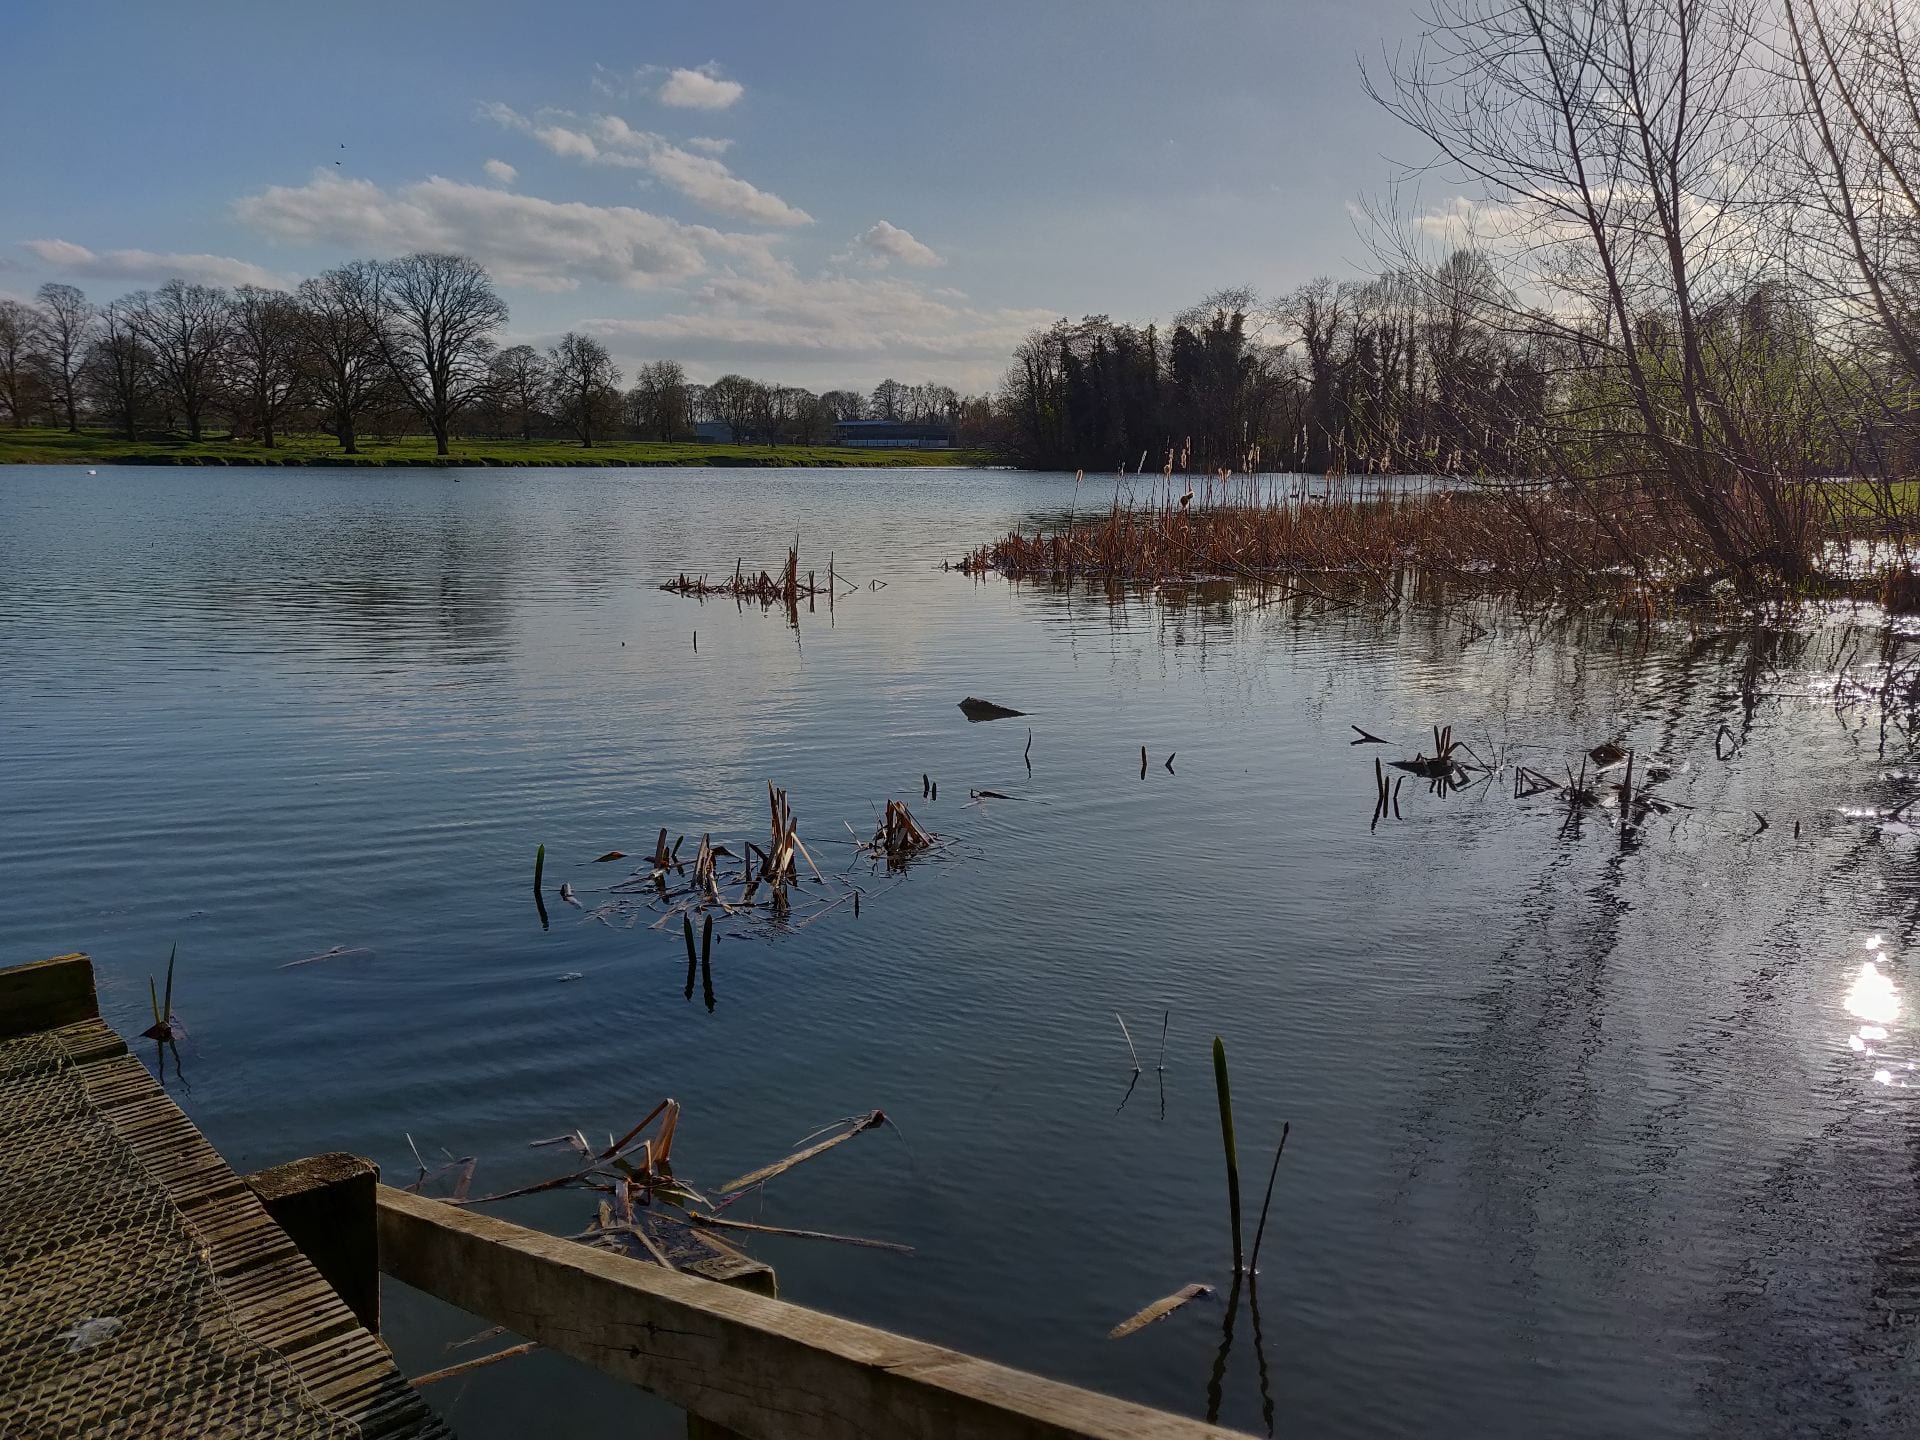 Riseholme Lake